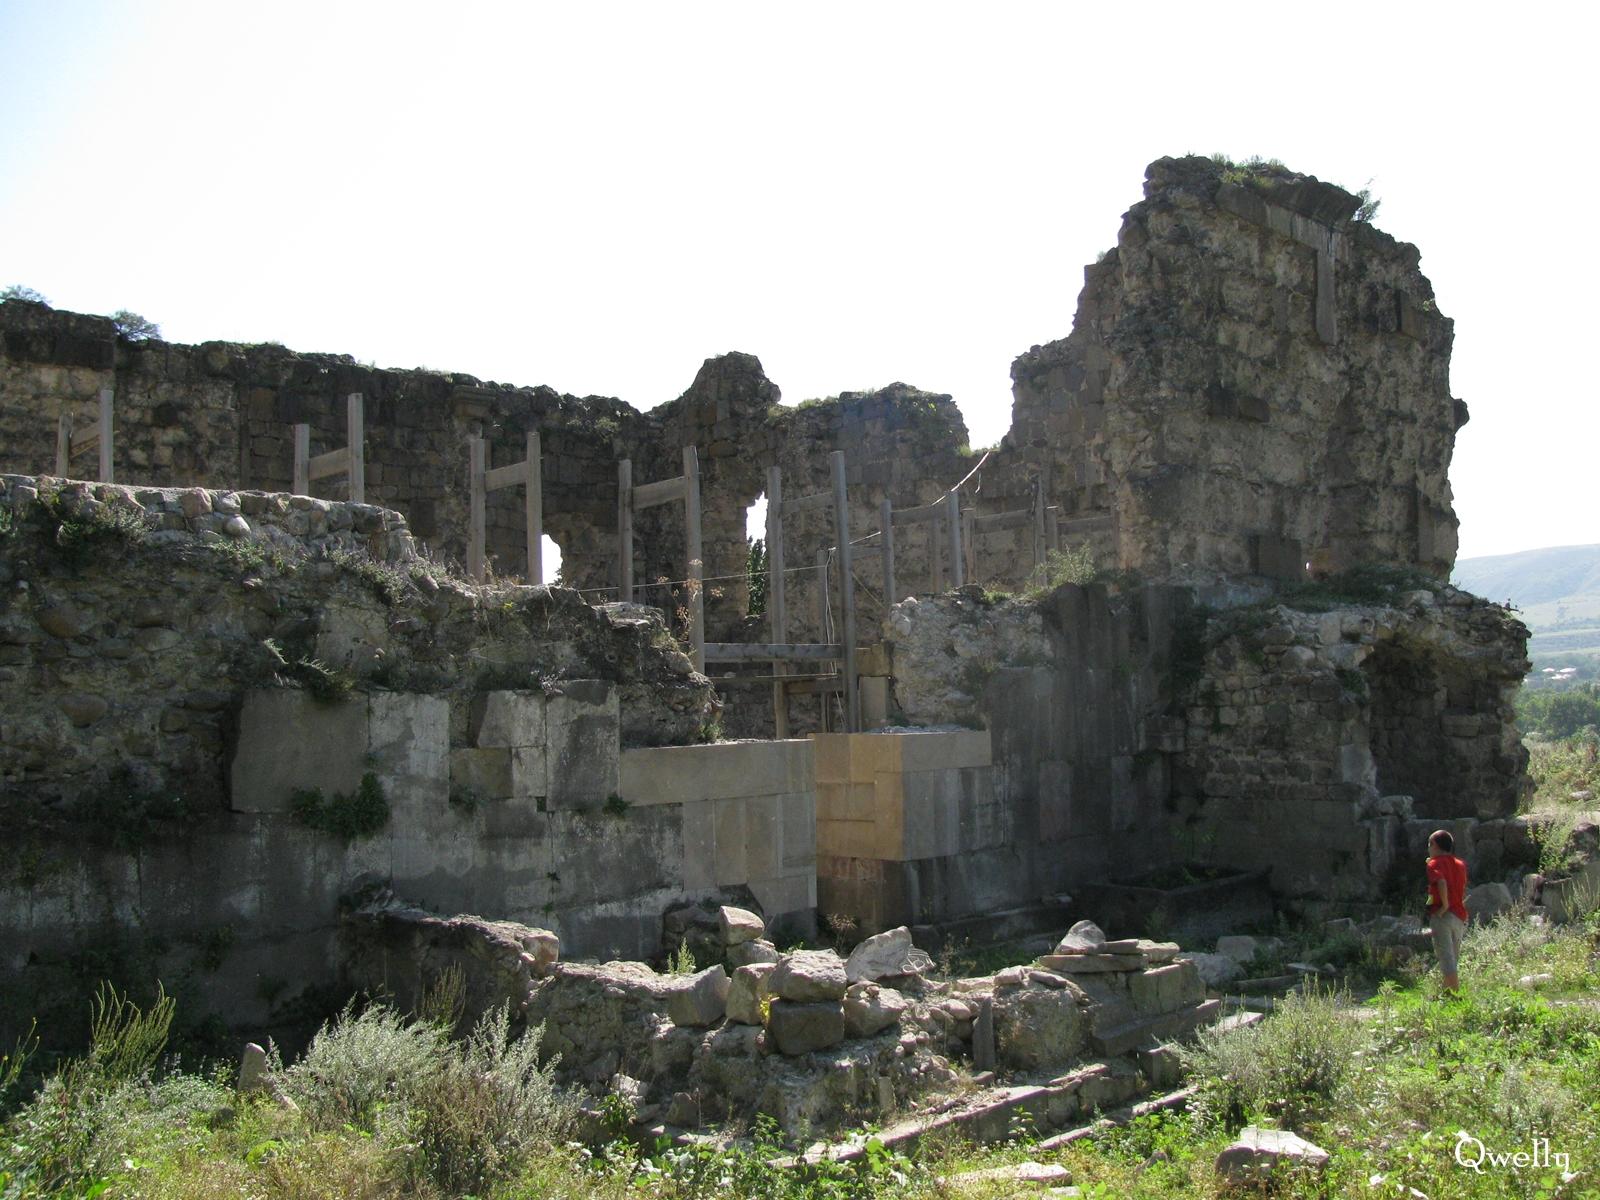 სამხრეთი ფასადი, awyuris gmrtismshoblis saxelobis eklesia, blogi, giorgi maisuradzis blogi, qwelly, awyuri, gmrtismshobeli, xati, eklesia, awyuris cixe, castle, virgin icon, church, temple, აწყურის ღმრთისმშობლის სახელობის ტაძარი, ნანგრევები, აწყური, ციხე, აწყურის ციხე, აწყურის ღმრთისმშობელი, ღმრთისმშობლის ხატი, ციხესიმაგრე, ტაძარი, ტაძრის ნანგრევები, გიორგი მაისურაძის ბლოგი, ქველი